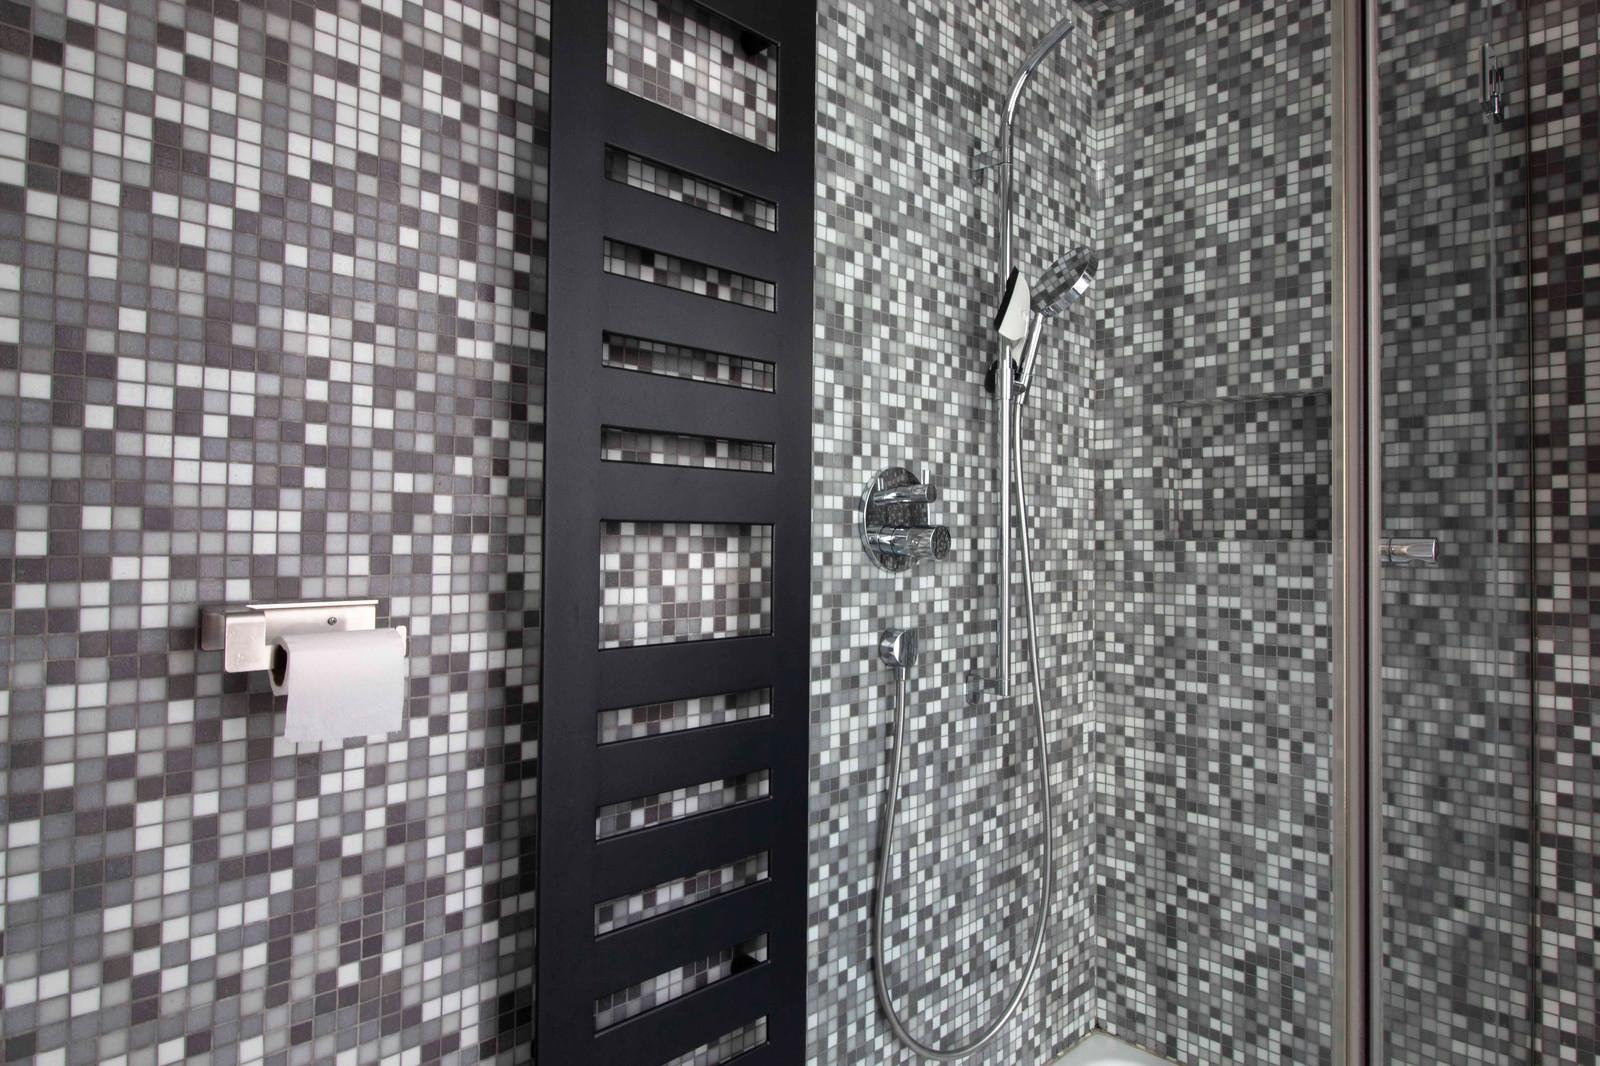 Octant AID | Salle de bain mosaïque noire